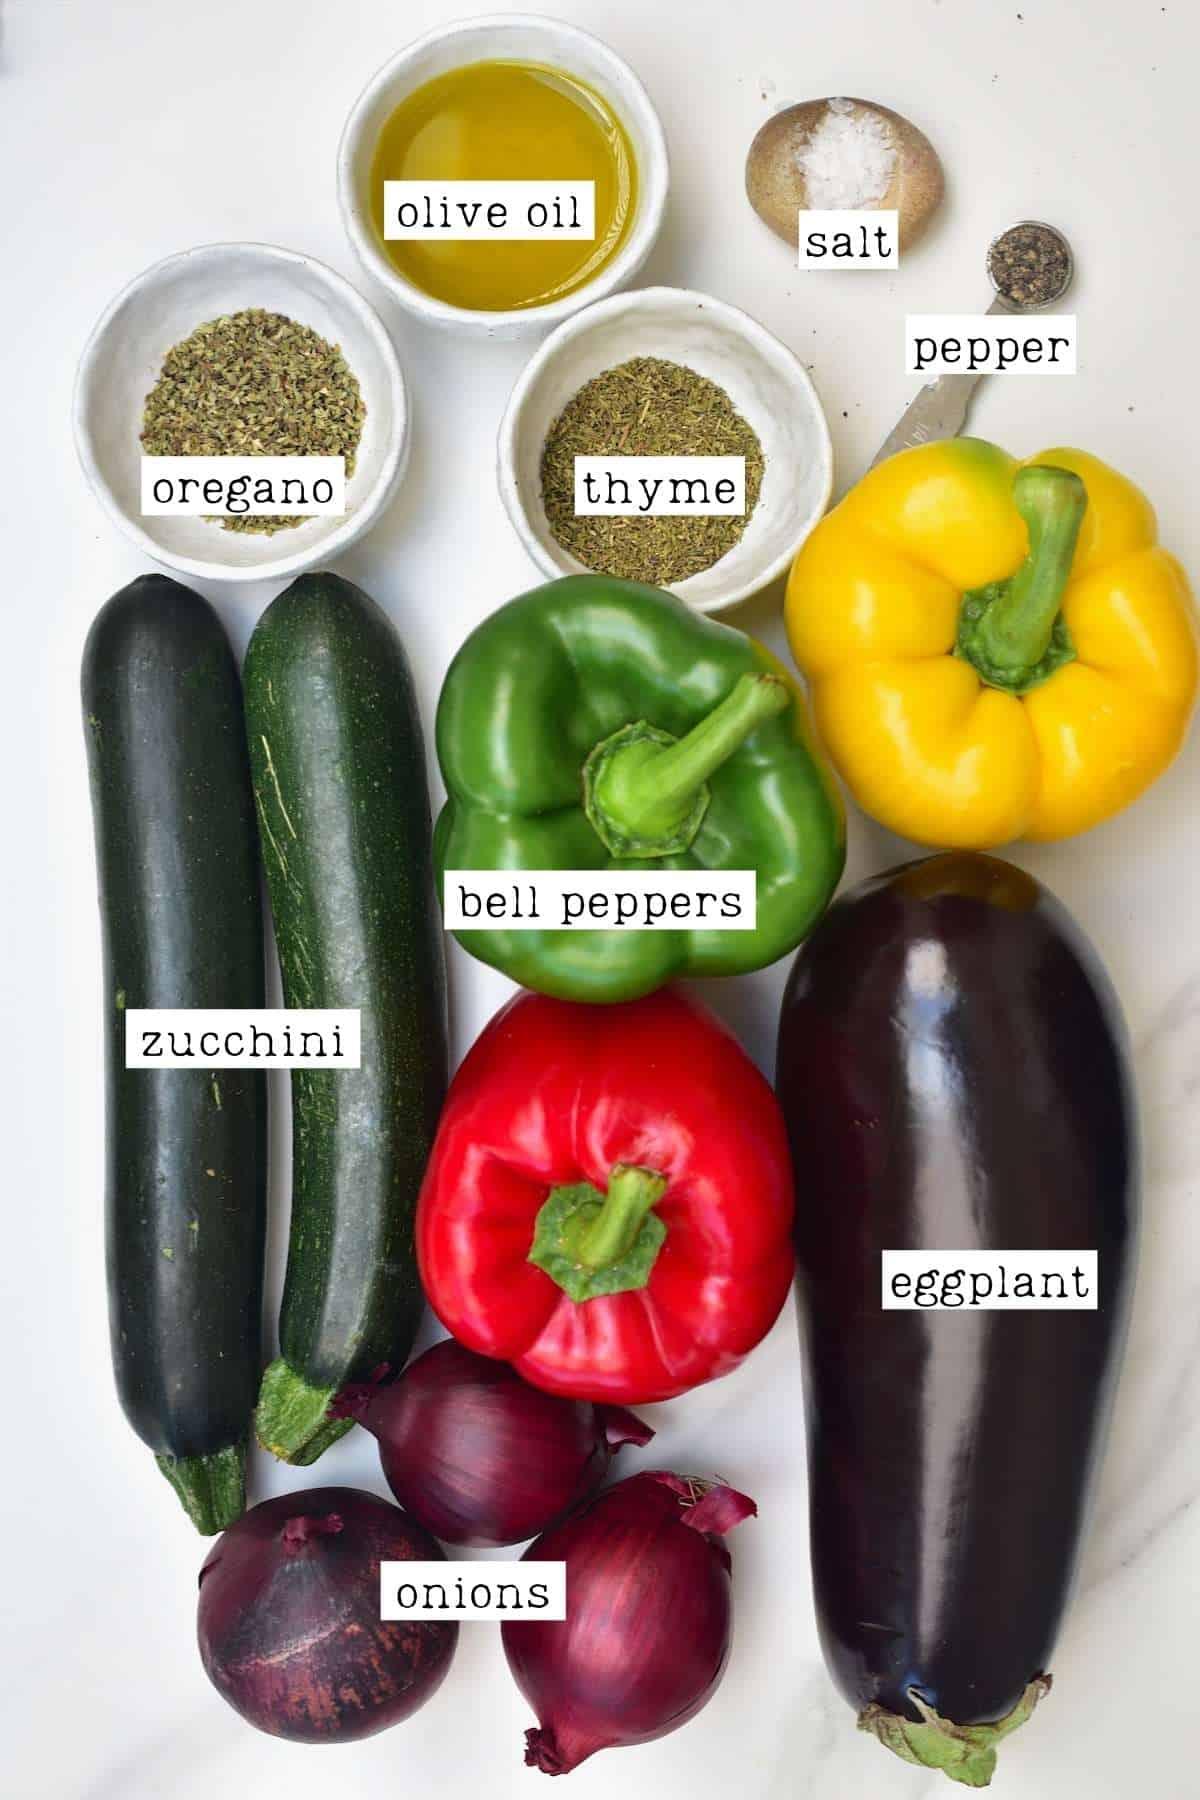 Ingredients for Mediterranean roasted veggies